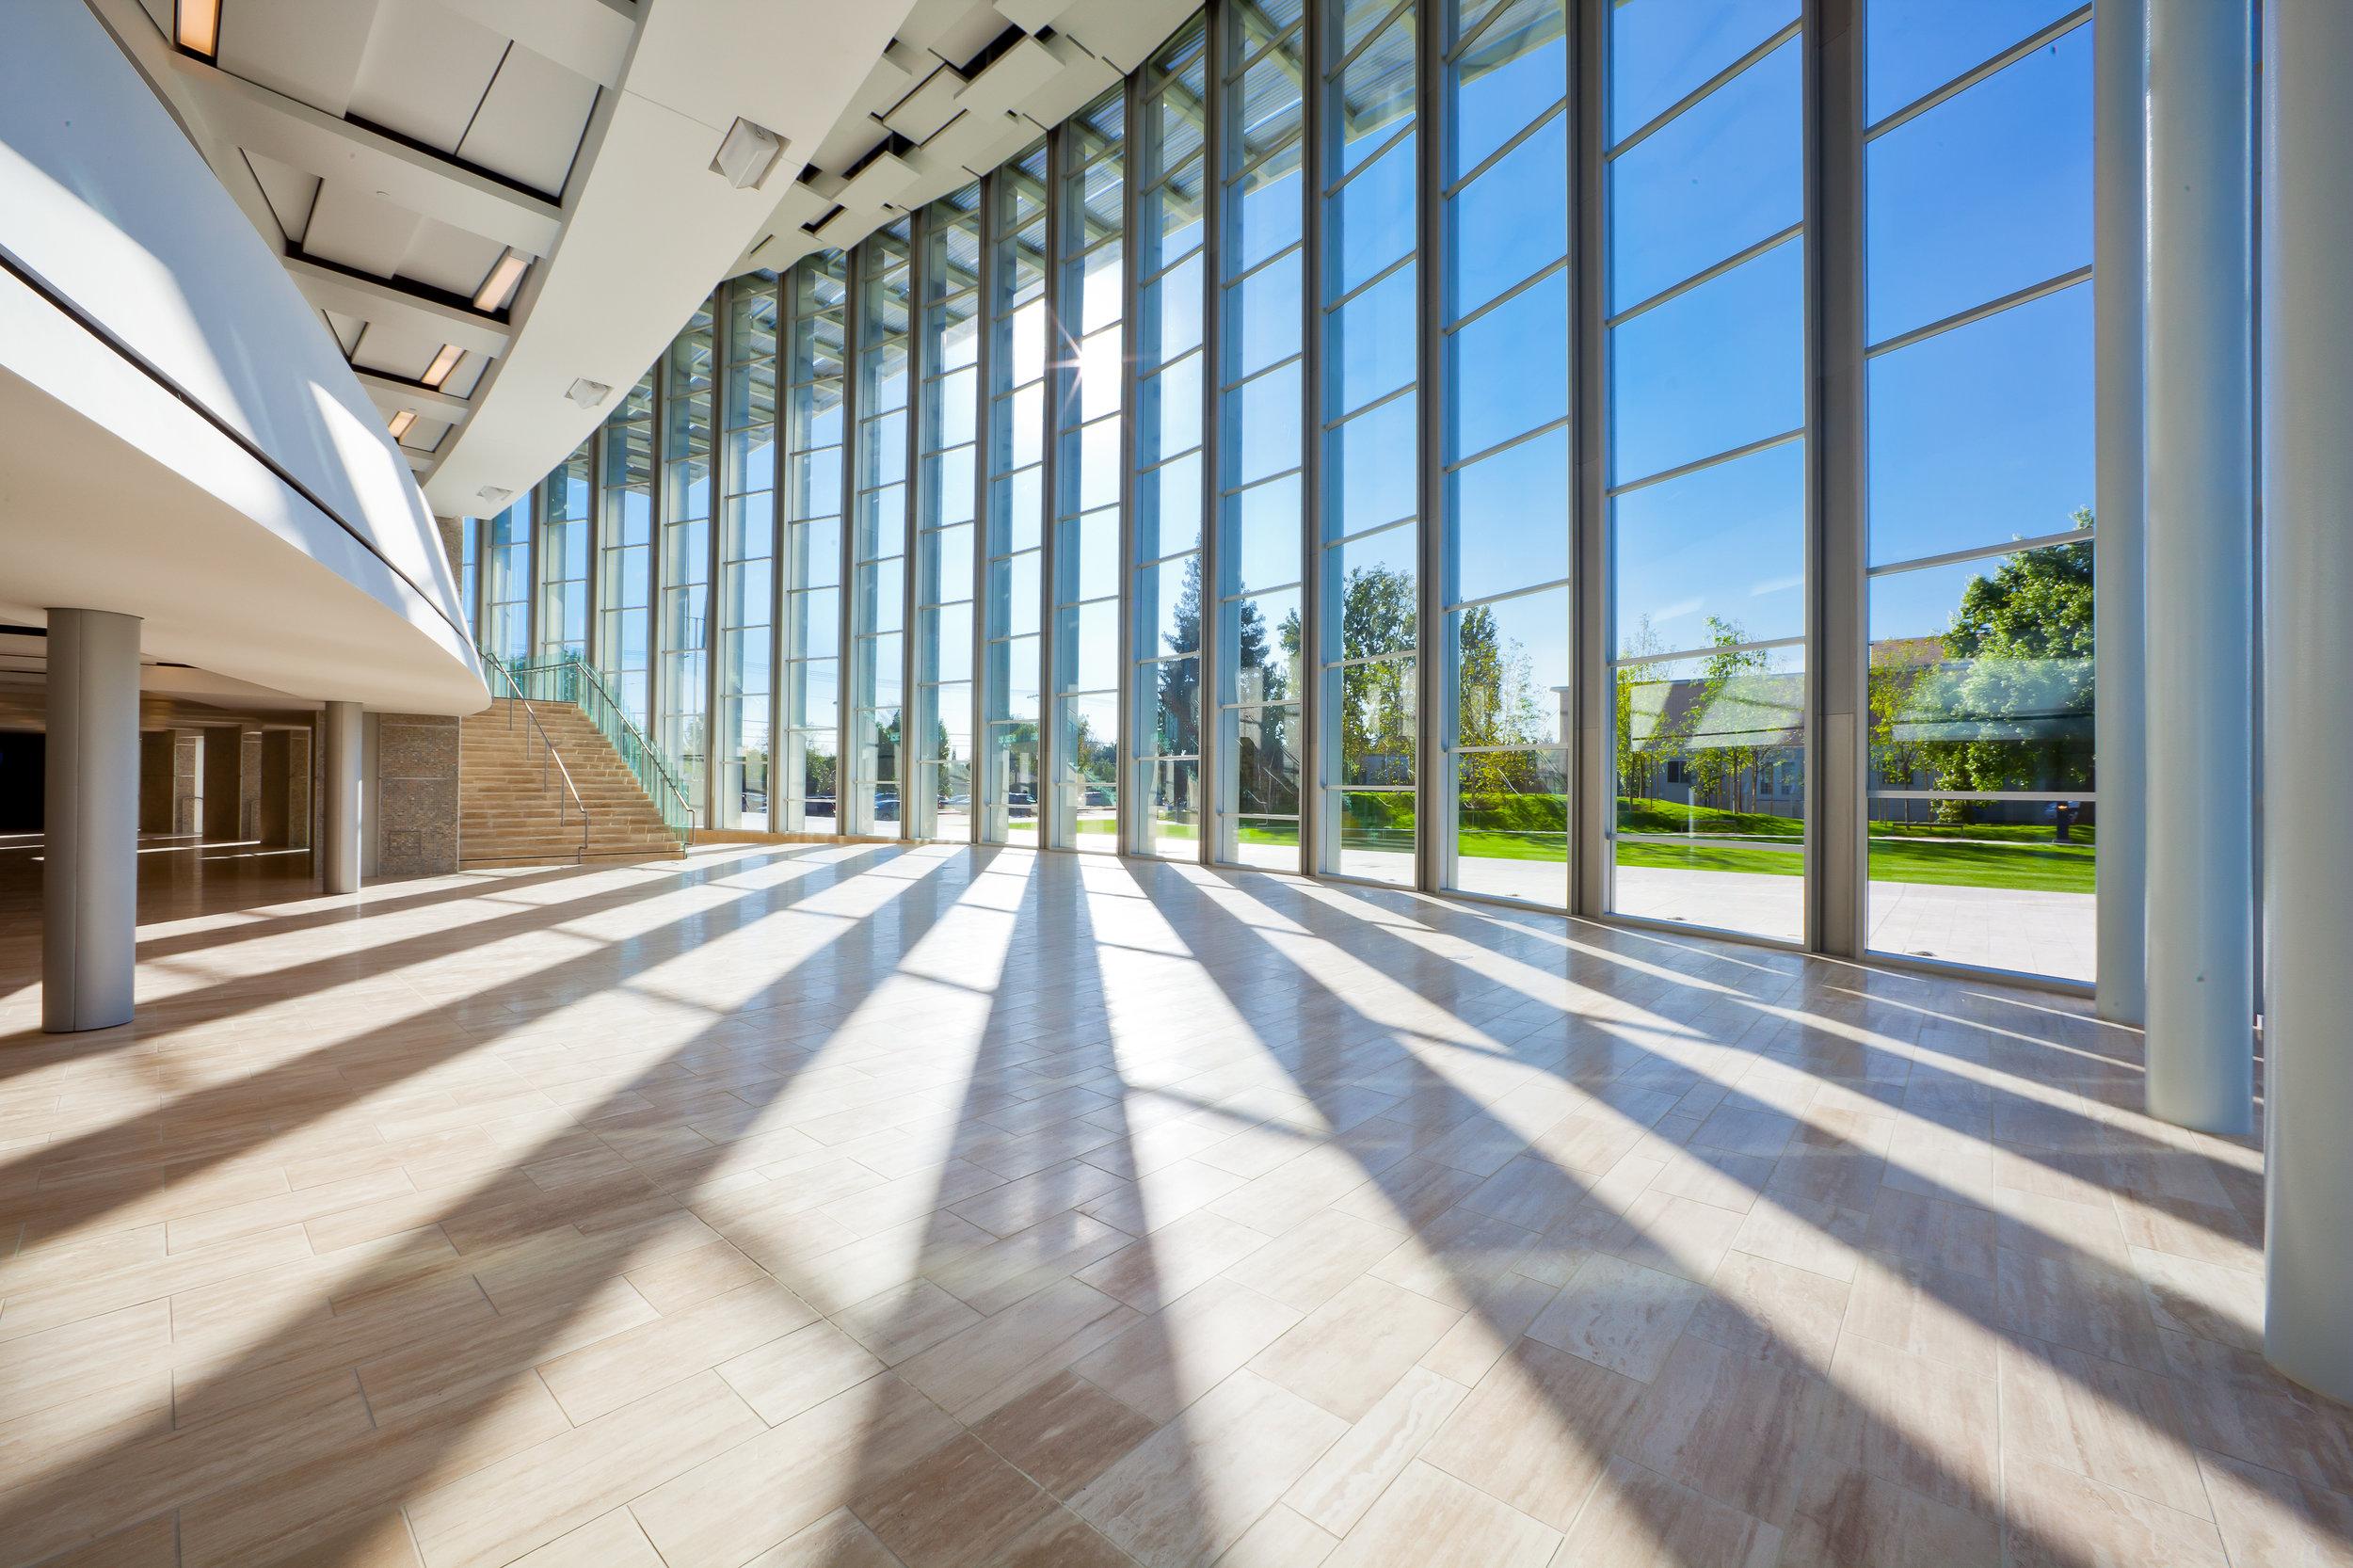 003 Valley Performing Arts Center.jpg